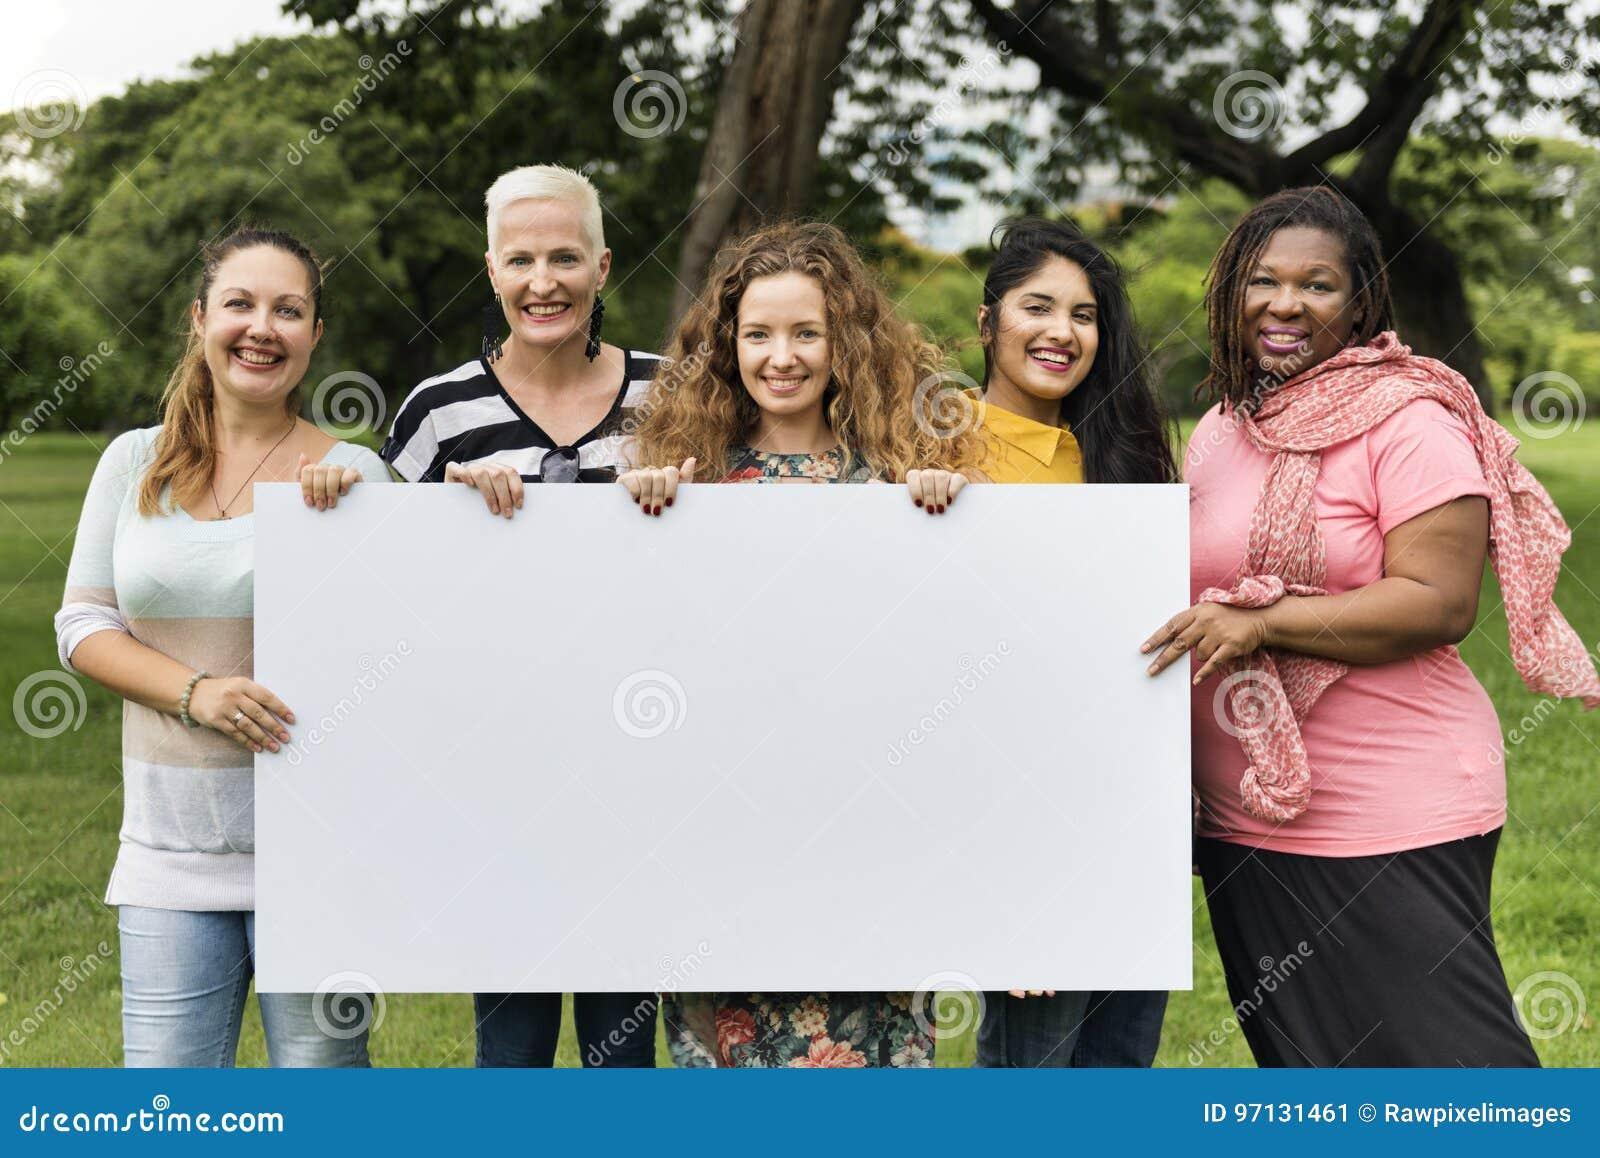 小组妇女交往配合幸福概念